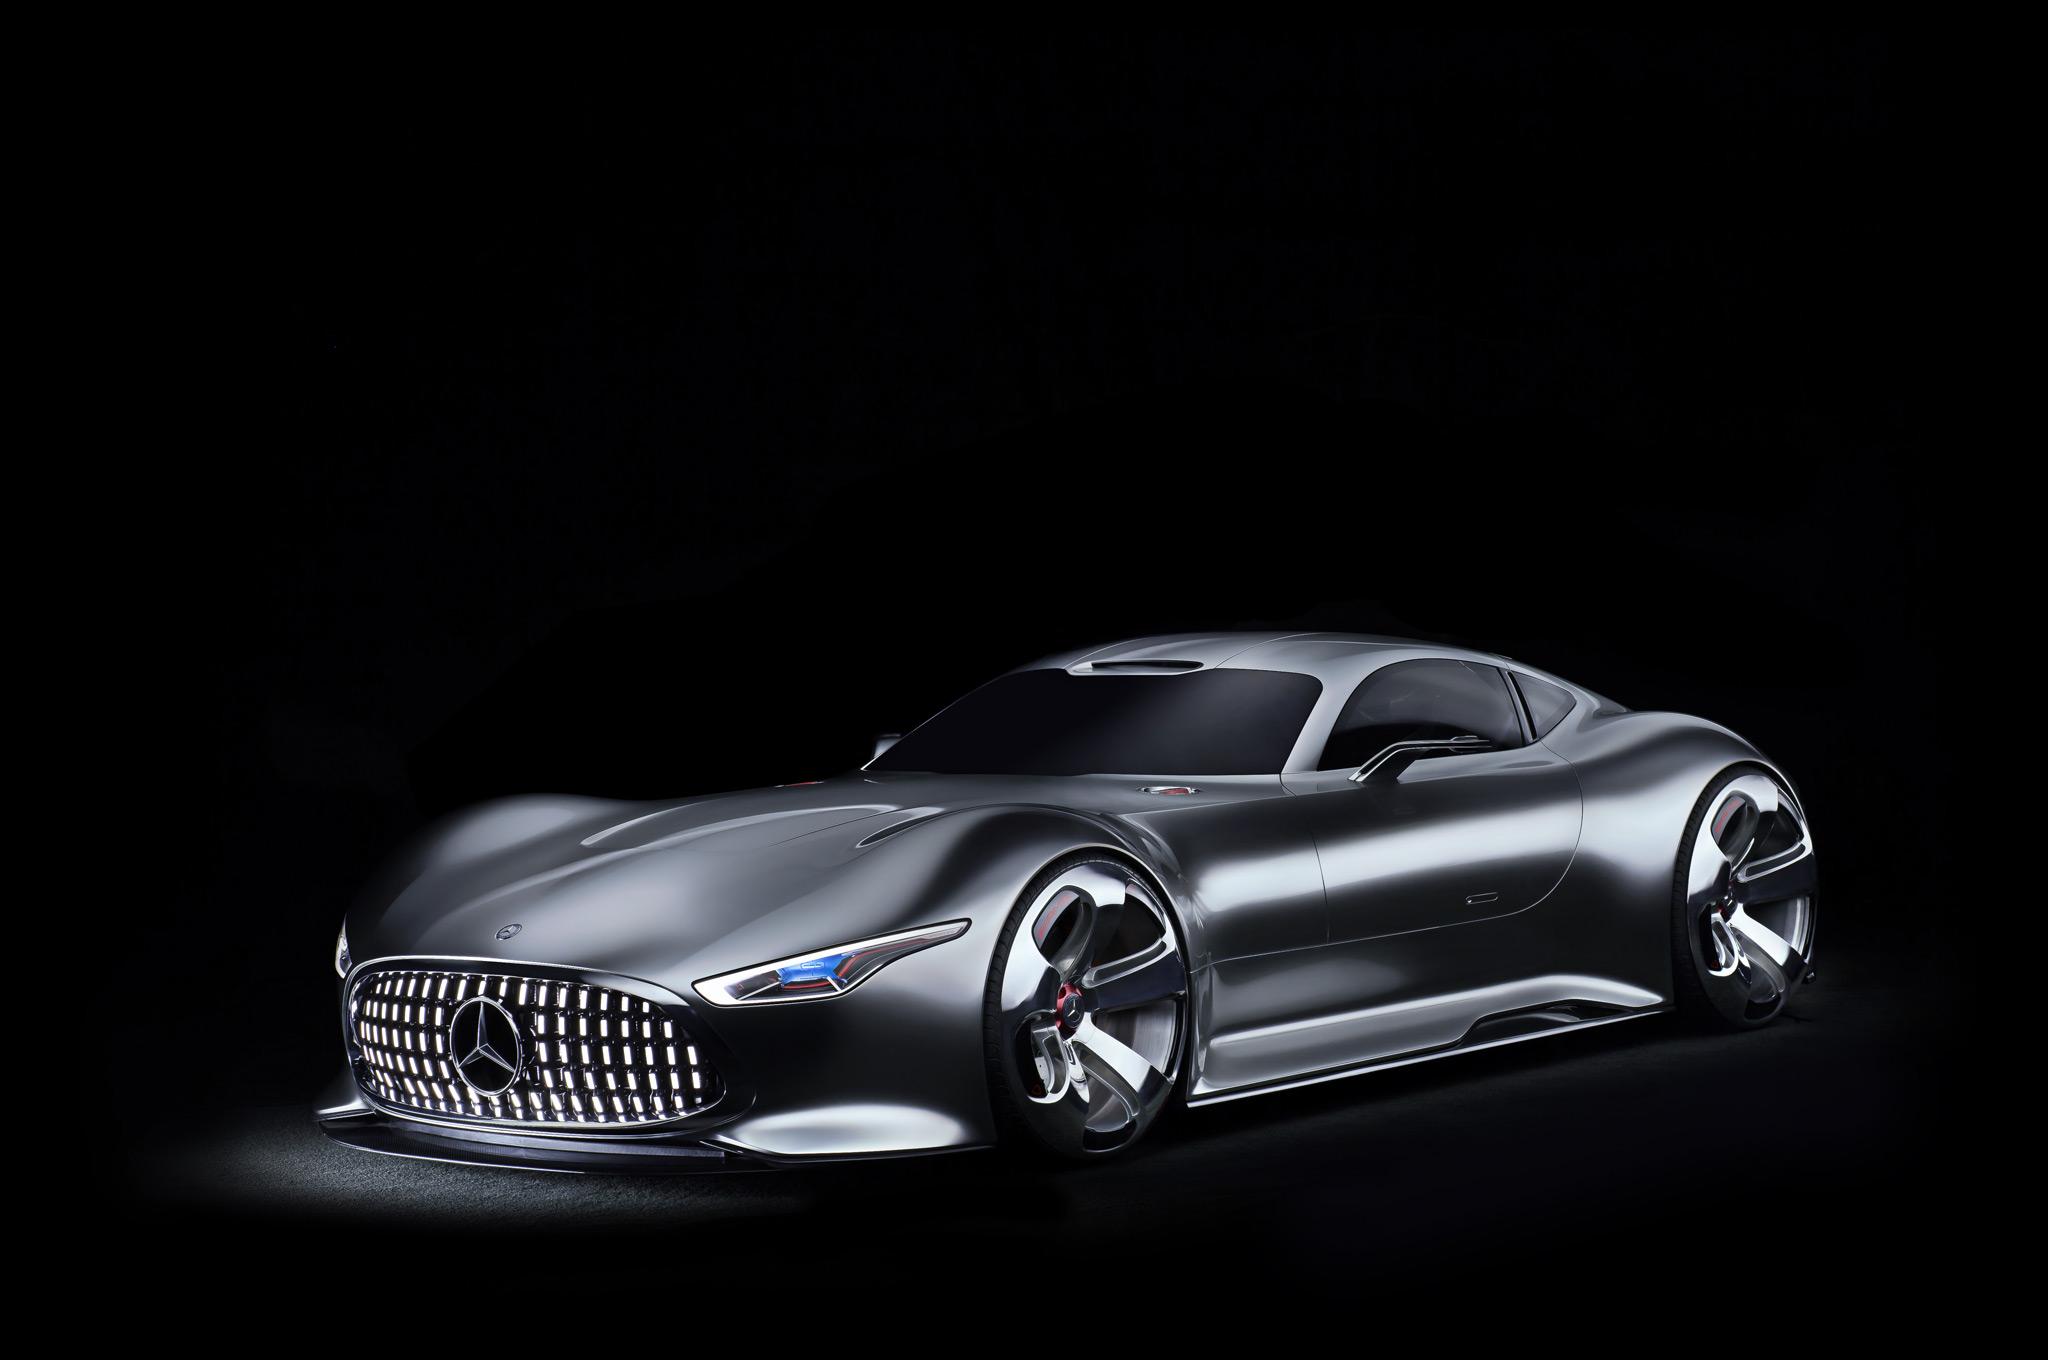 Vision Gran Turismo lindustrie auto et jeu vido ensemble 2048x1360